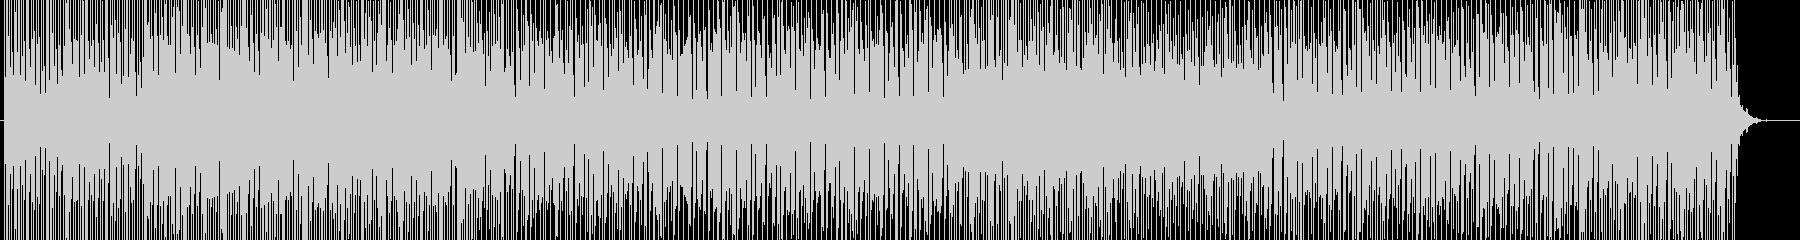 ■企業-PV-イントロダクション-明るいの未再生の波形